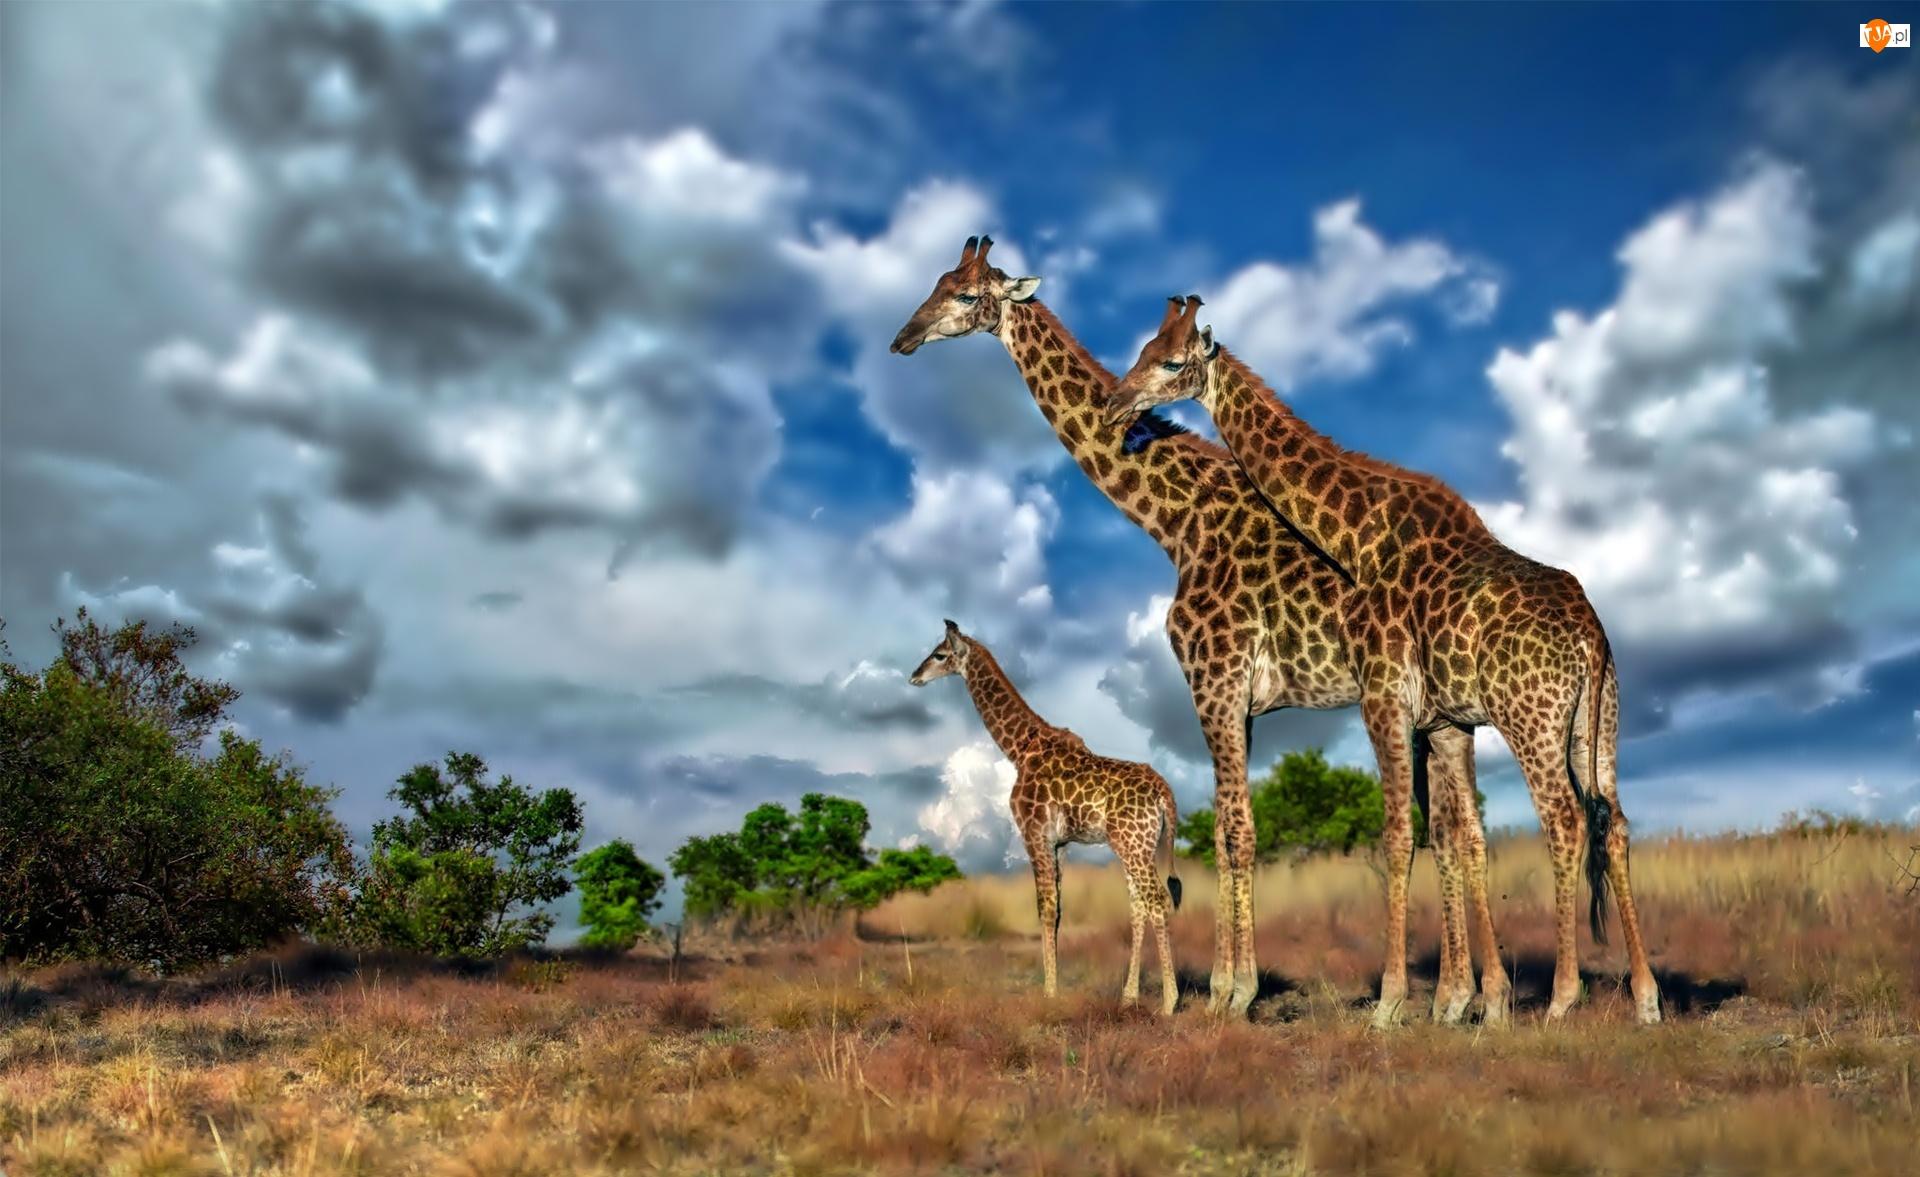 Afryka, Żyrafy, Chmury, Rodzina, Sawanna